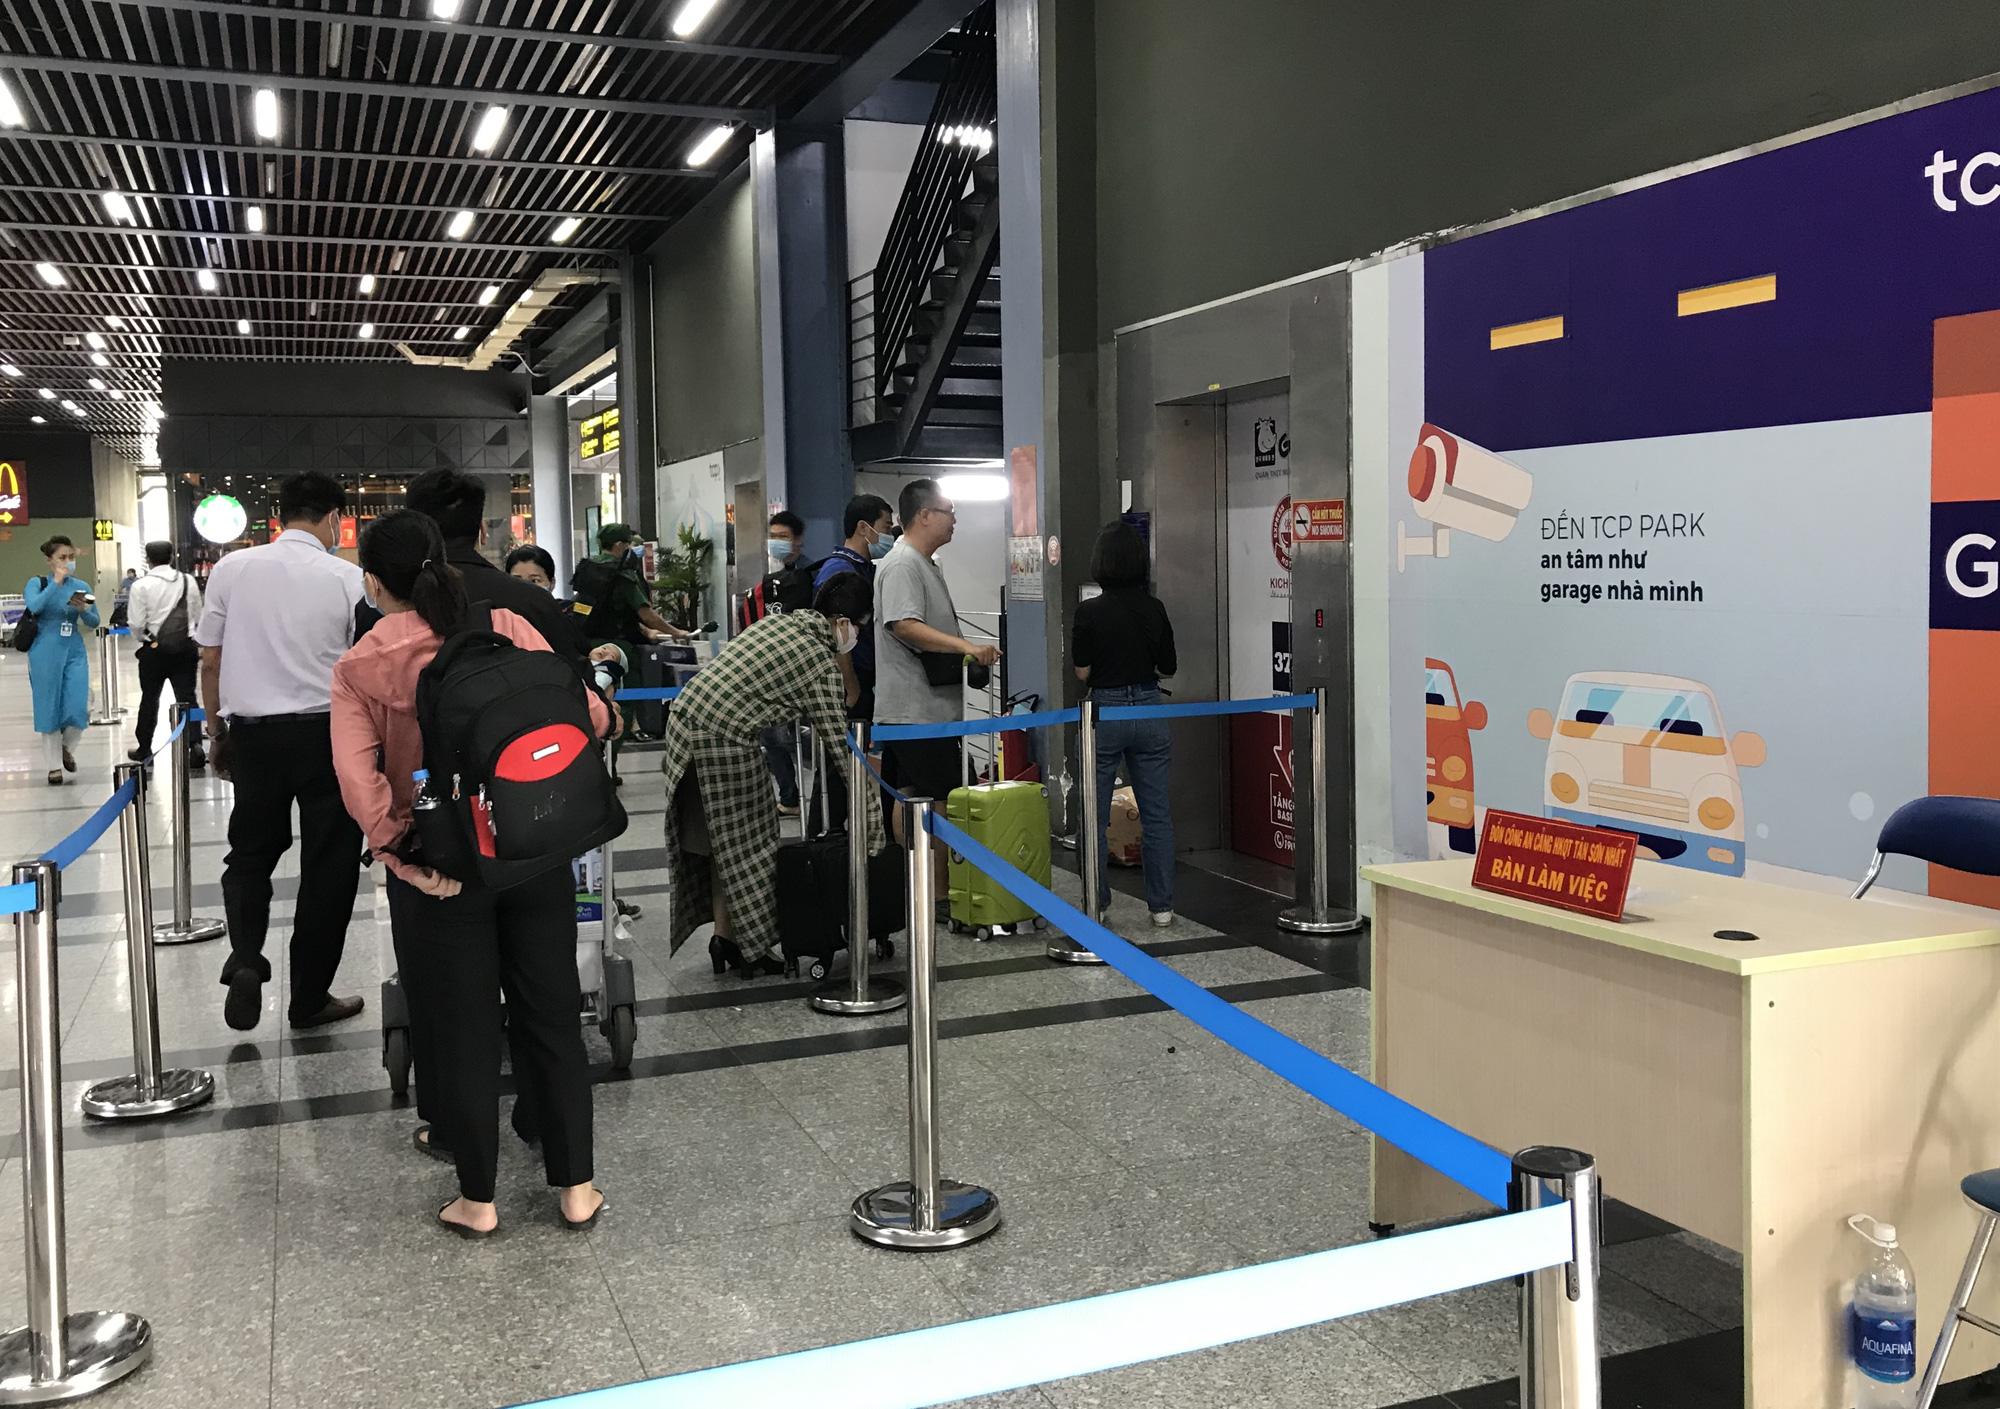 Khách vã mồ hôi, vác vali ra khỏi sân bay Tân Sơn Nhất,  cắt ngang làn ô tô để đón xe - Ảnh 10.